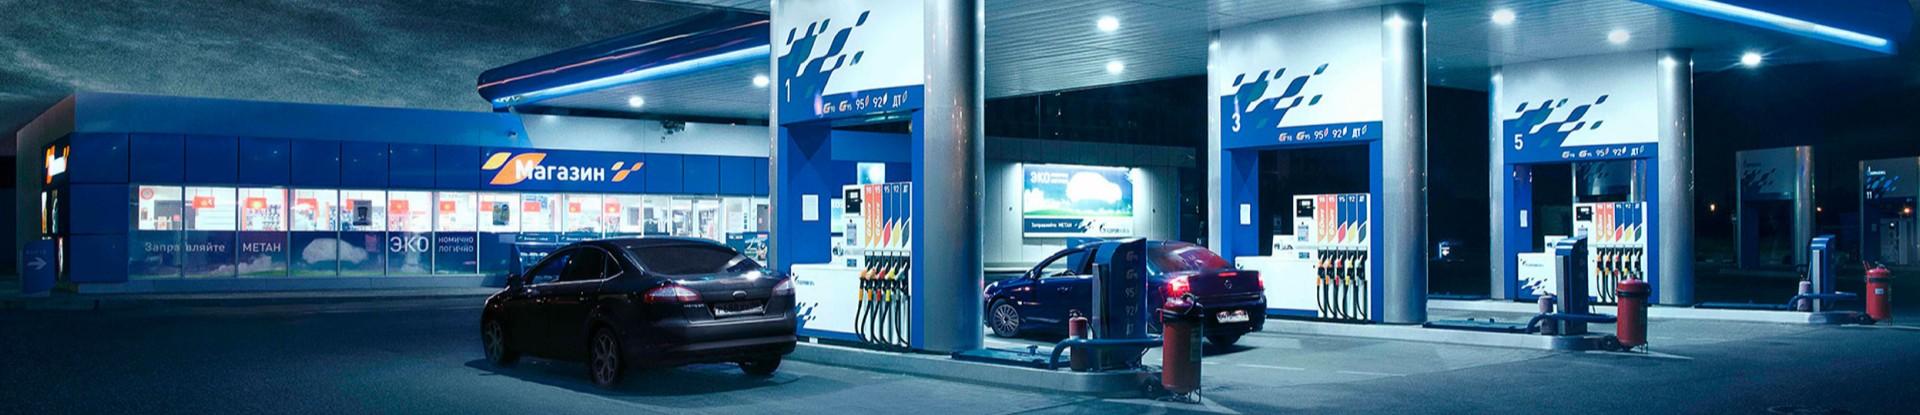 Быстрая оплата топлива в сети АЗС «Газпромнефть» по картам «Мир» ВТБ